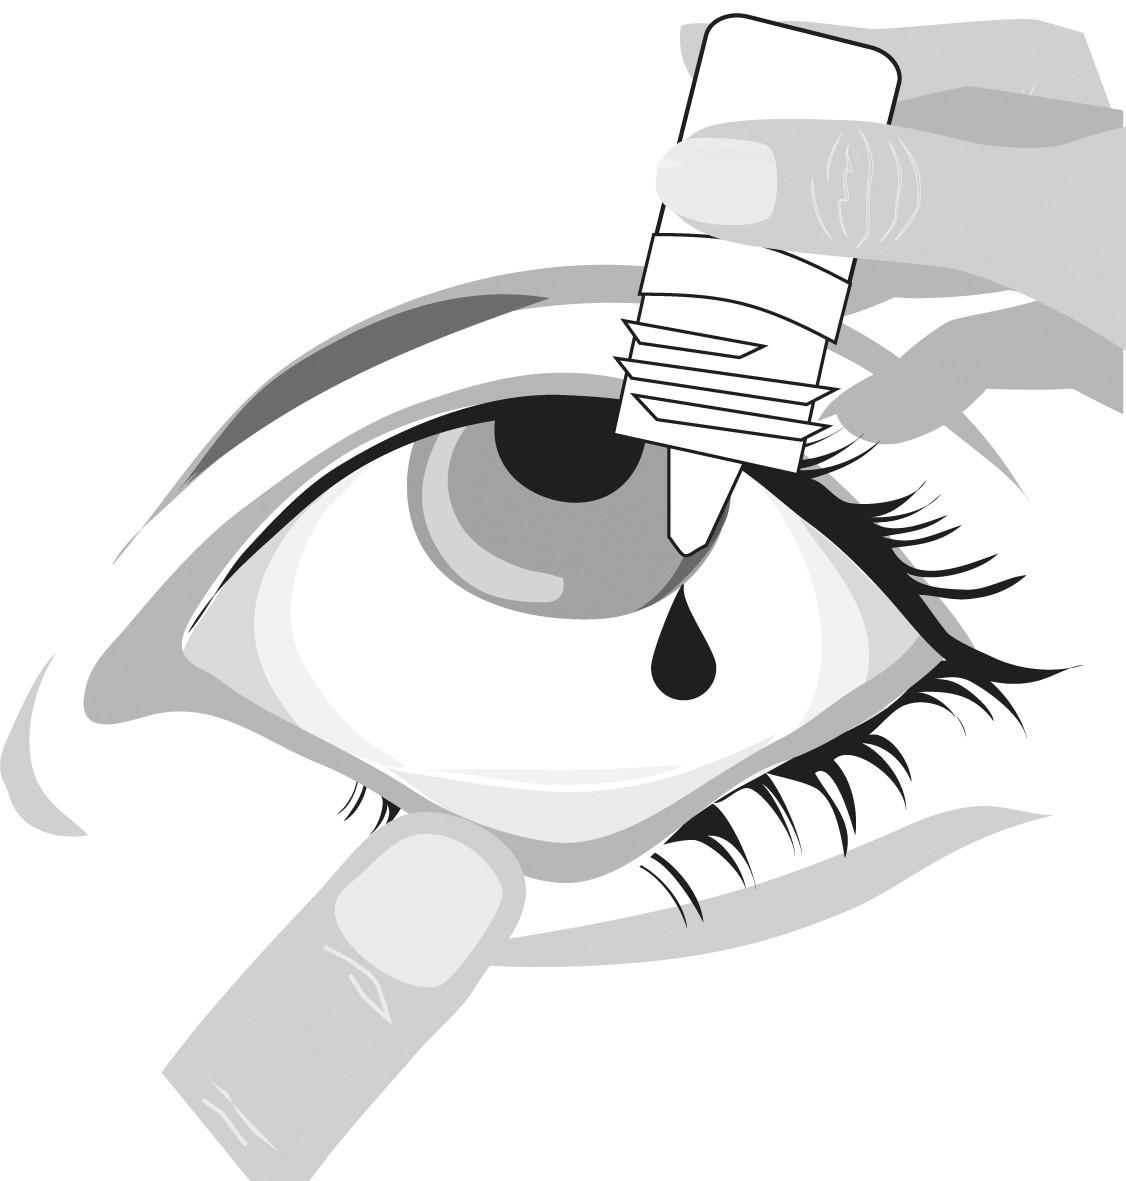 Tryck så attt en droppe hamnar i ögat